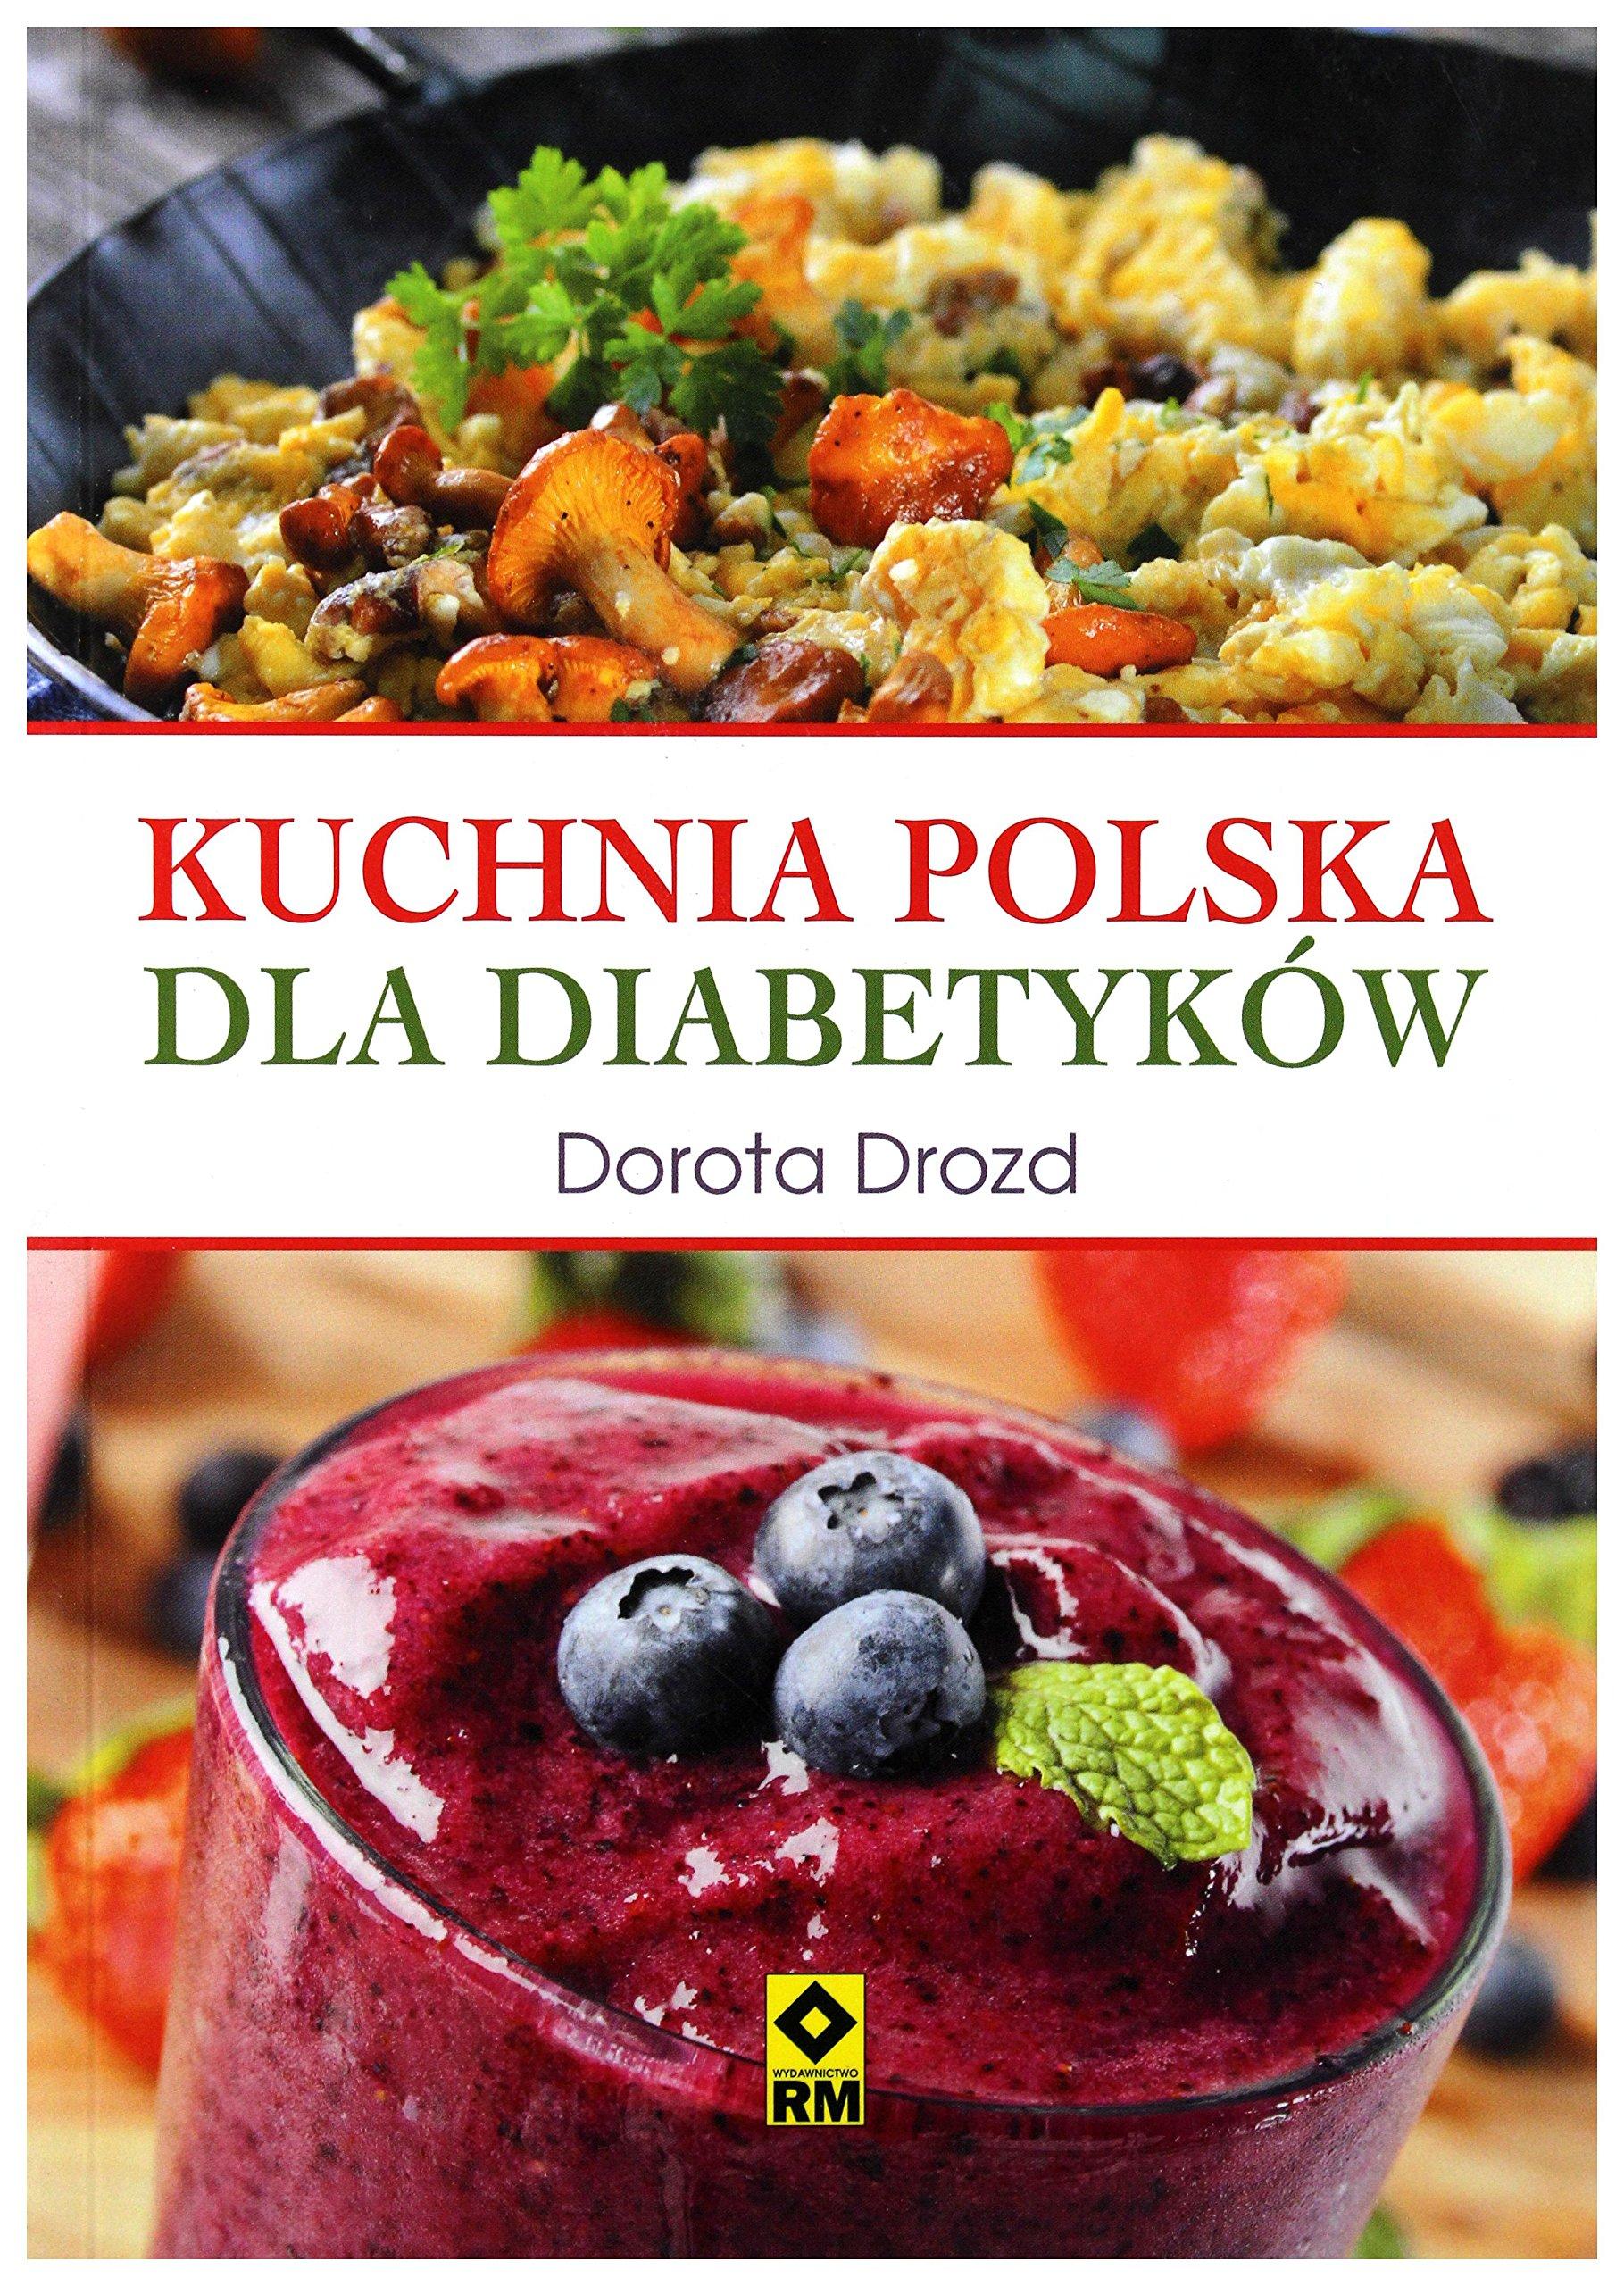 Kuchnia Polska Dla Diabetykow Dorota Drozd 9788377733738